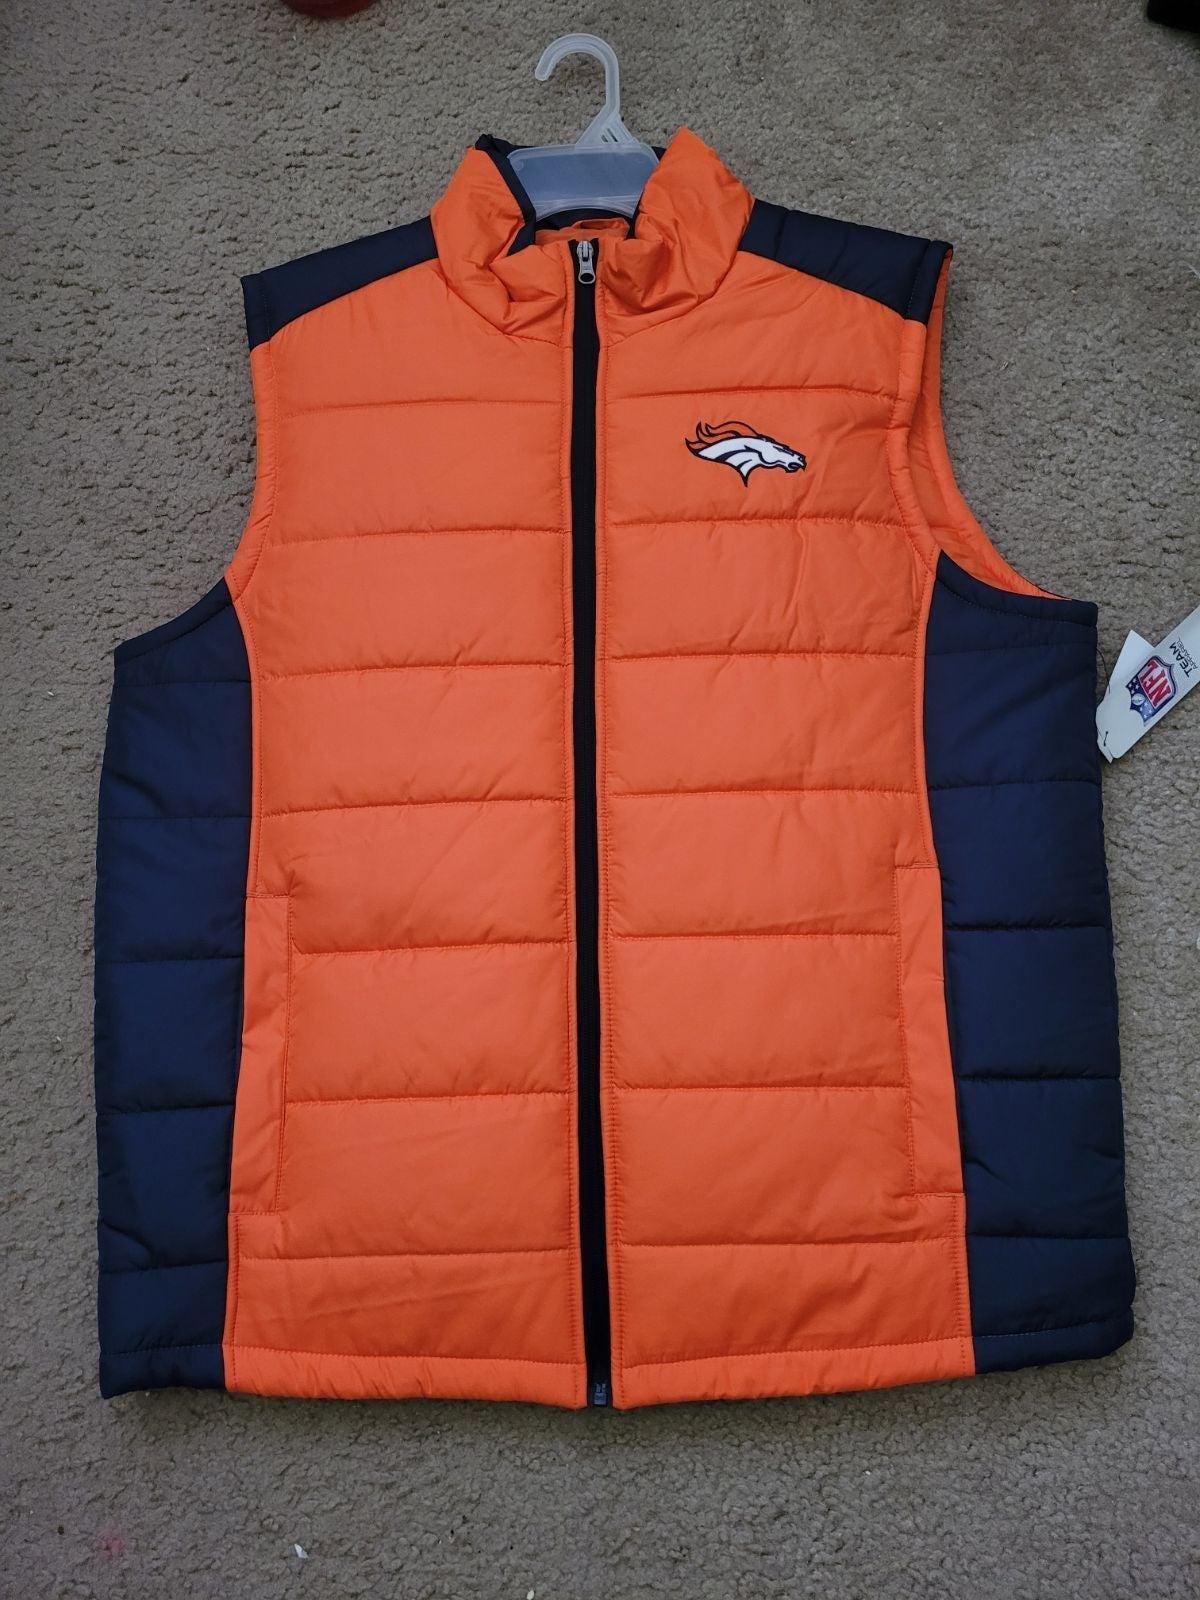 Large Denver Broncos vest.